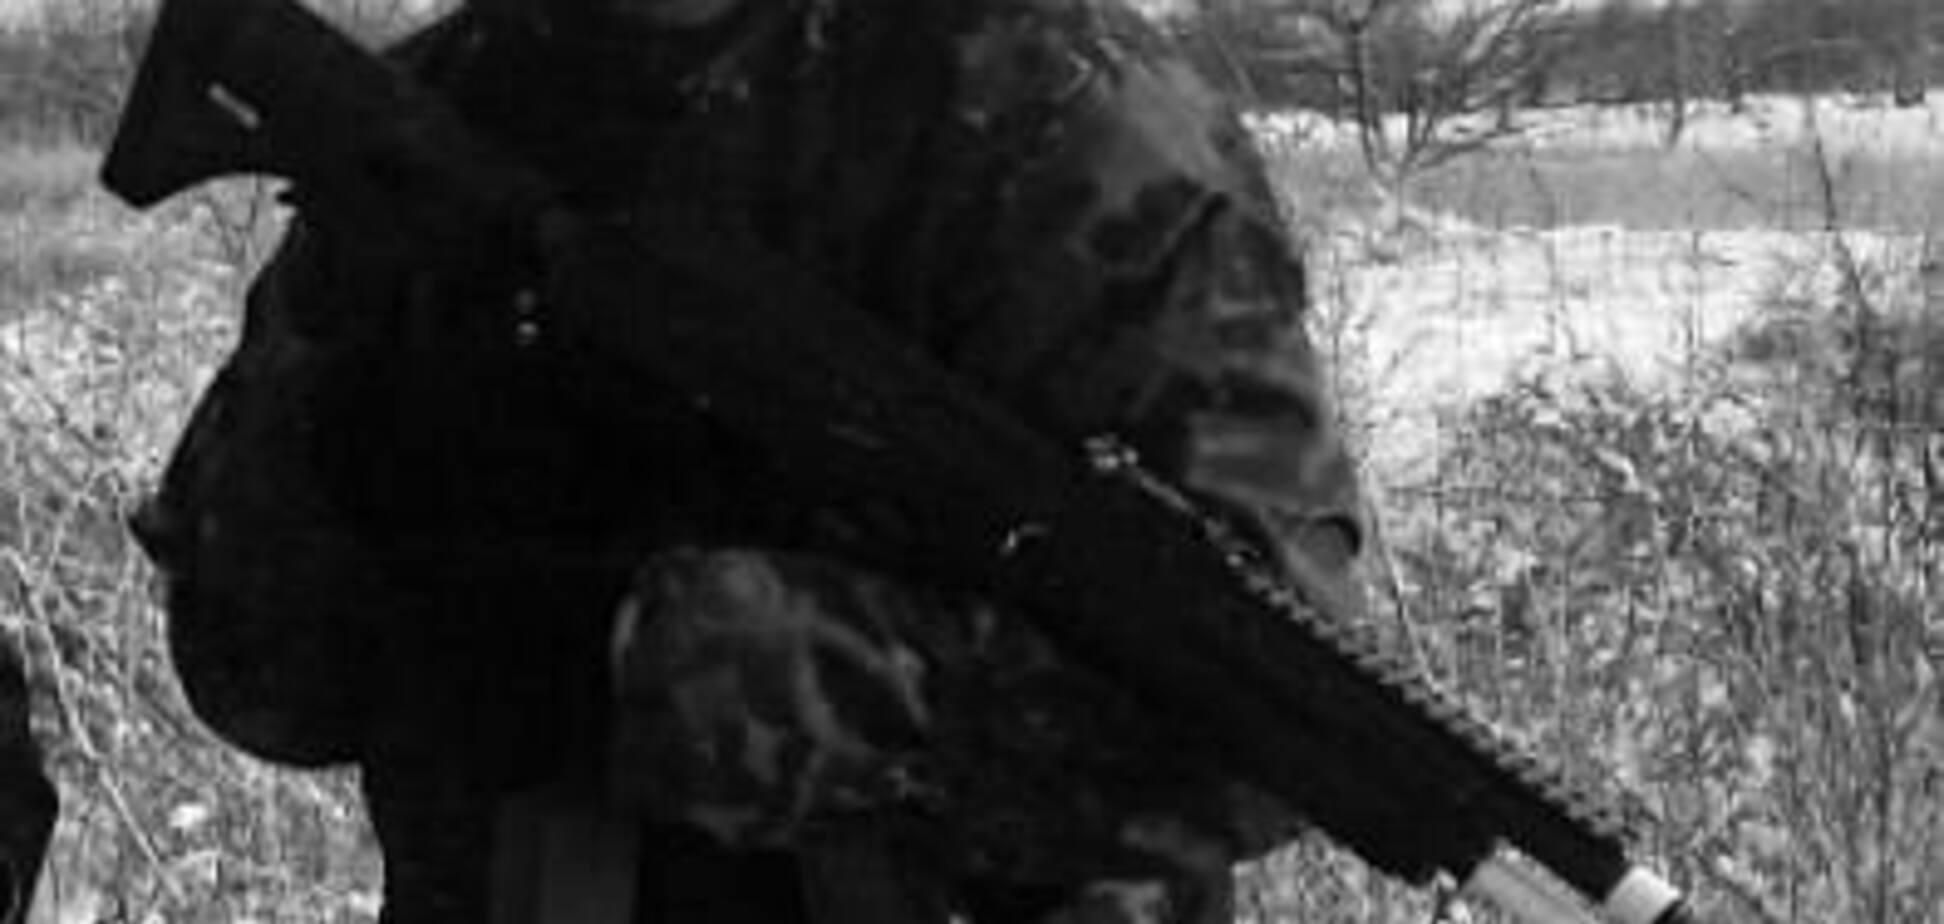 'Звільняла Луганщину': розшукувана ФСБ росіянка із ЗСУ зі скандалом їде в РФ